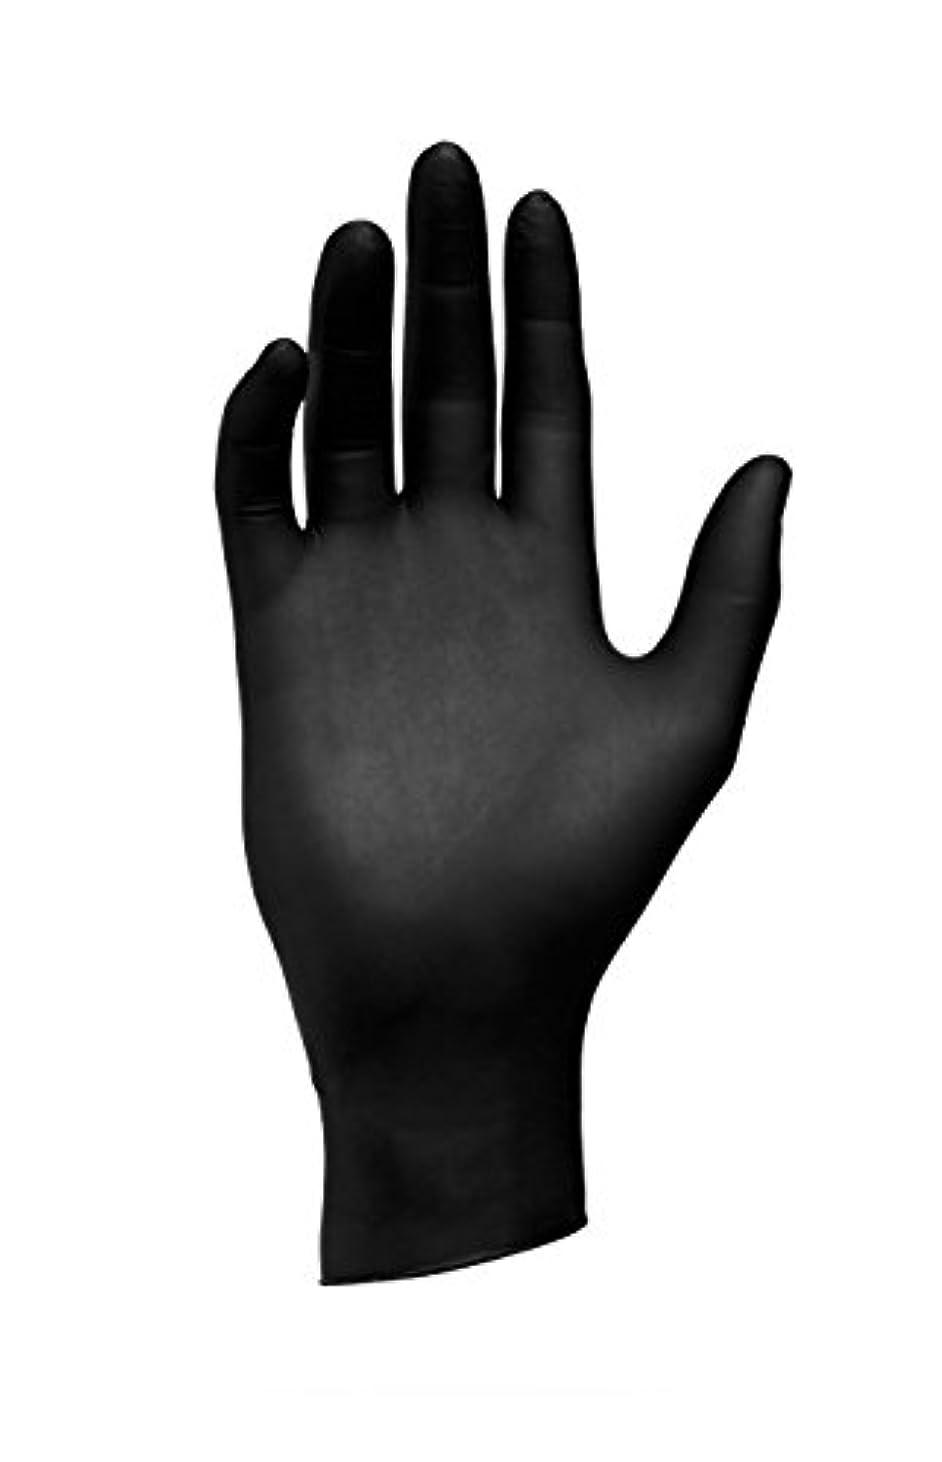 控える関与するアスレチックエバーメイト センパーガード ニトリルブラックグローブ ブラック S(6.0~6.5インチ)甲幅8cm 100枚入 6個セット